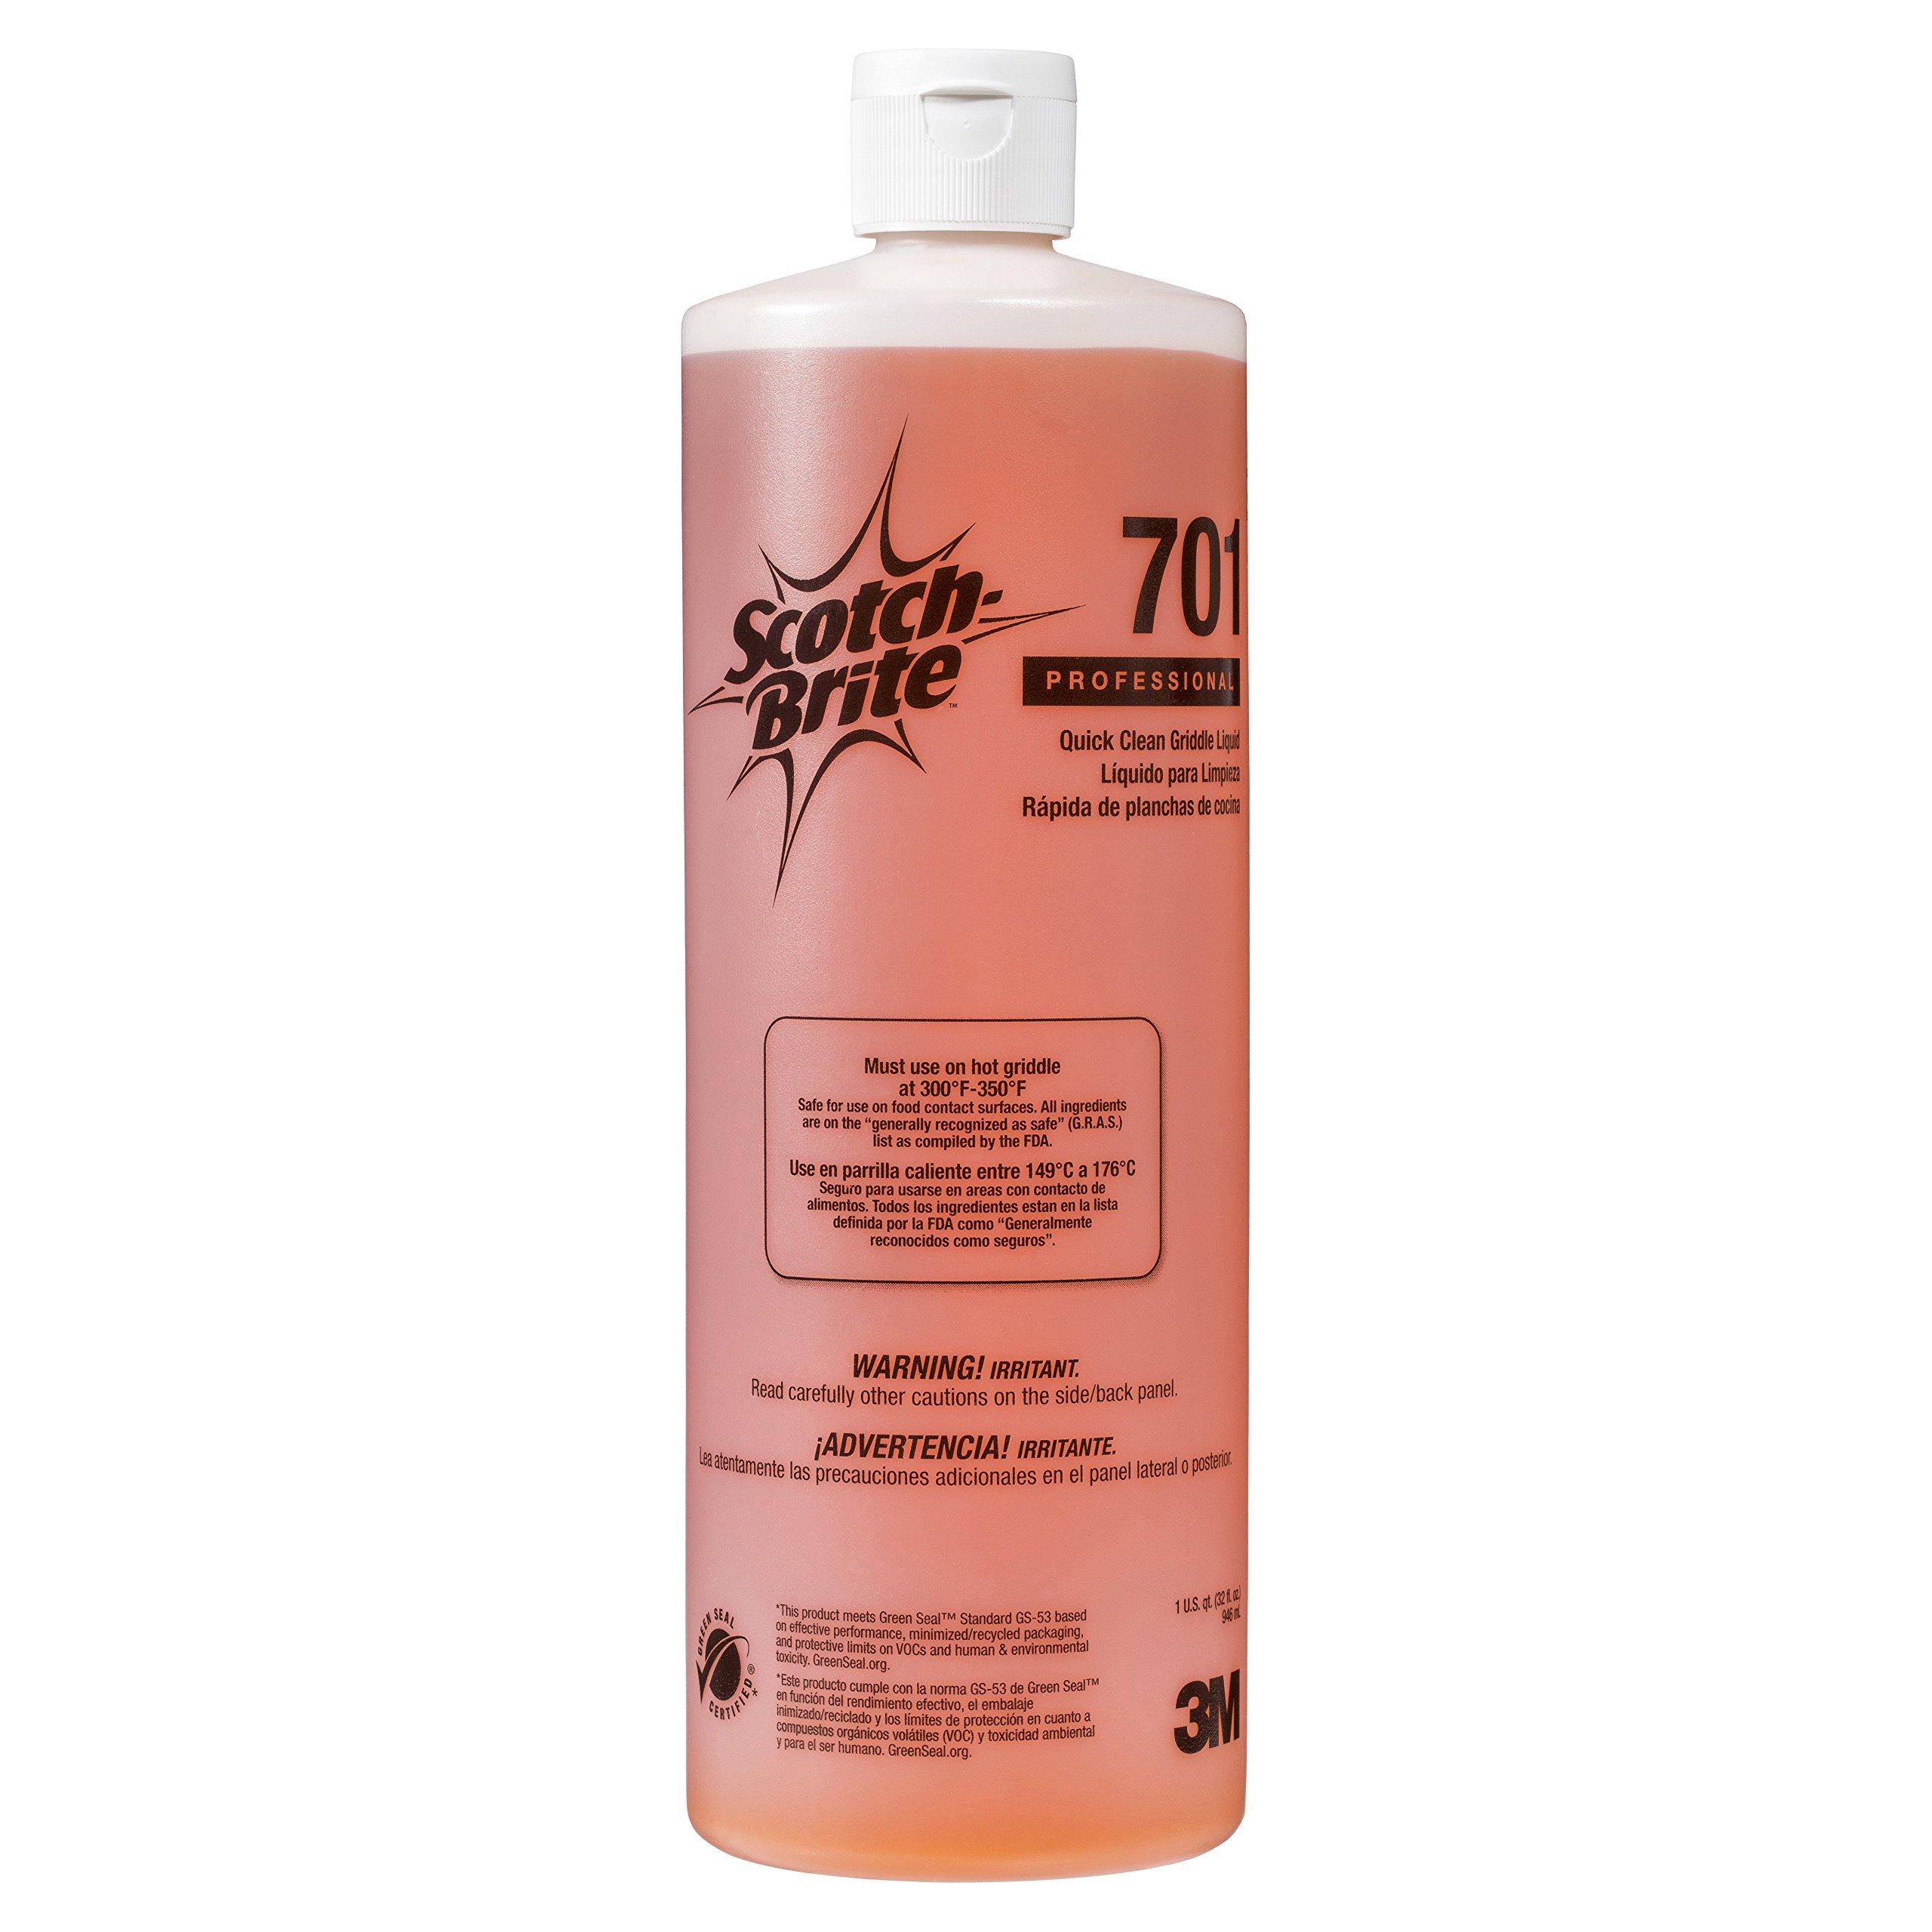 Scotch-Brite 701 Quick-Clean Griddle Liquid, 1-Quart Bottle (Case of 4)